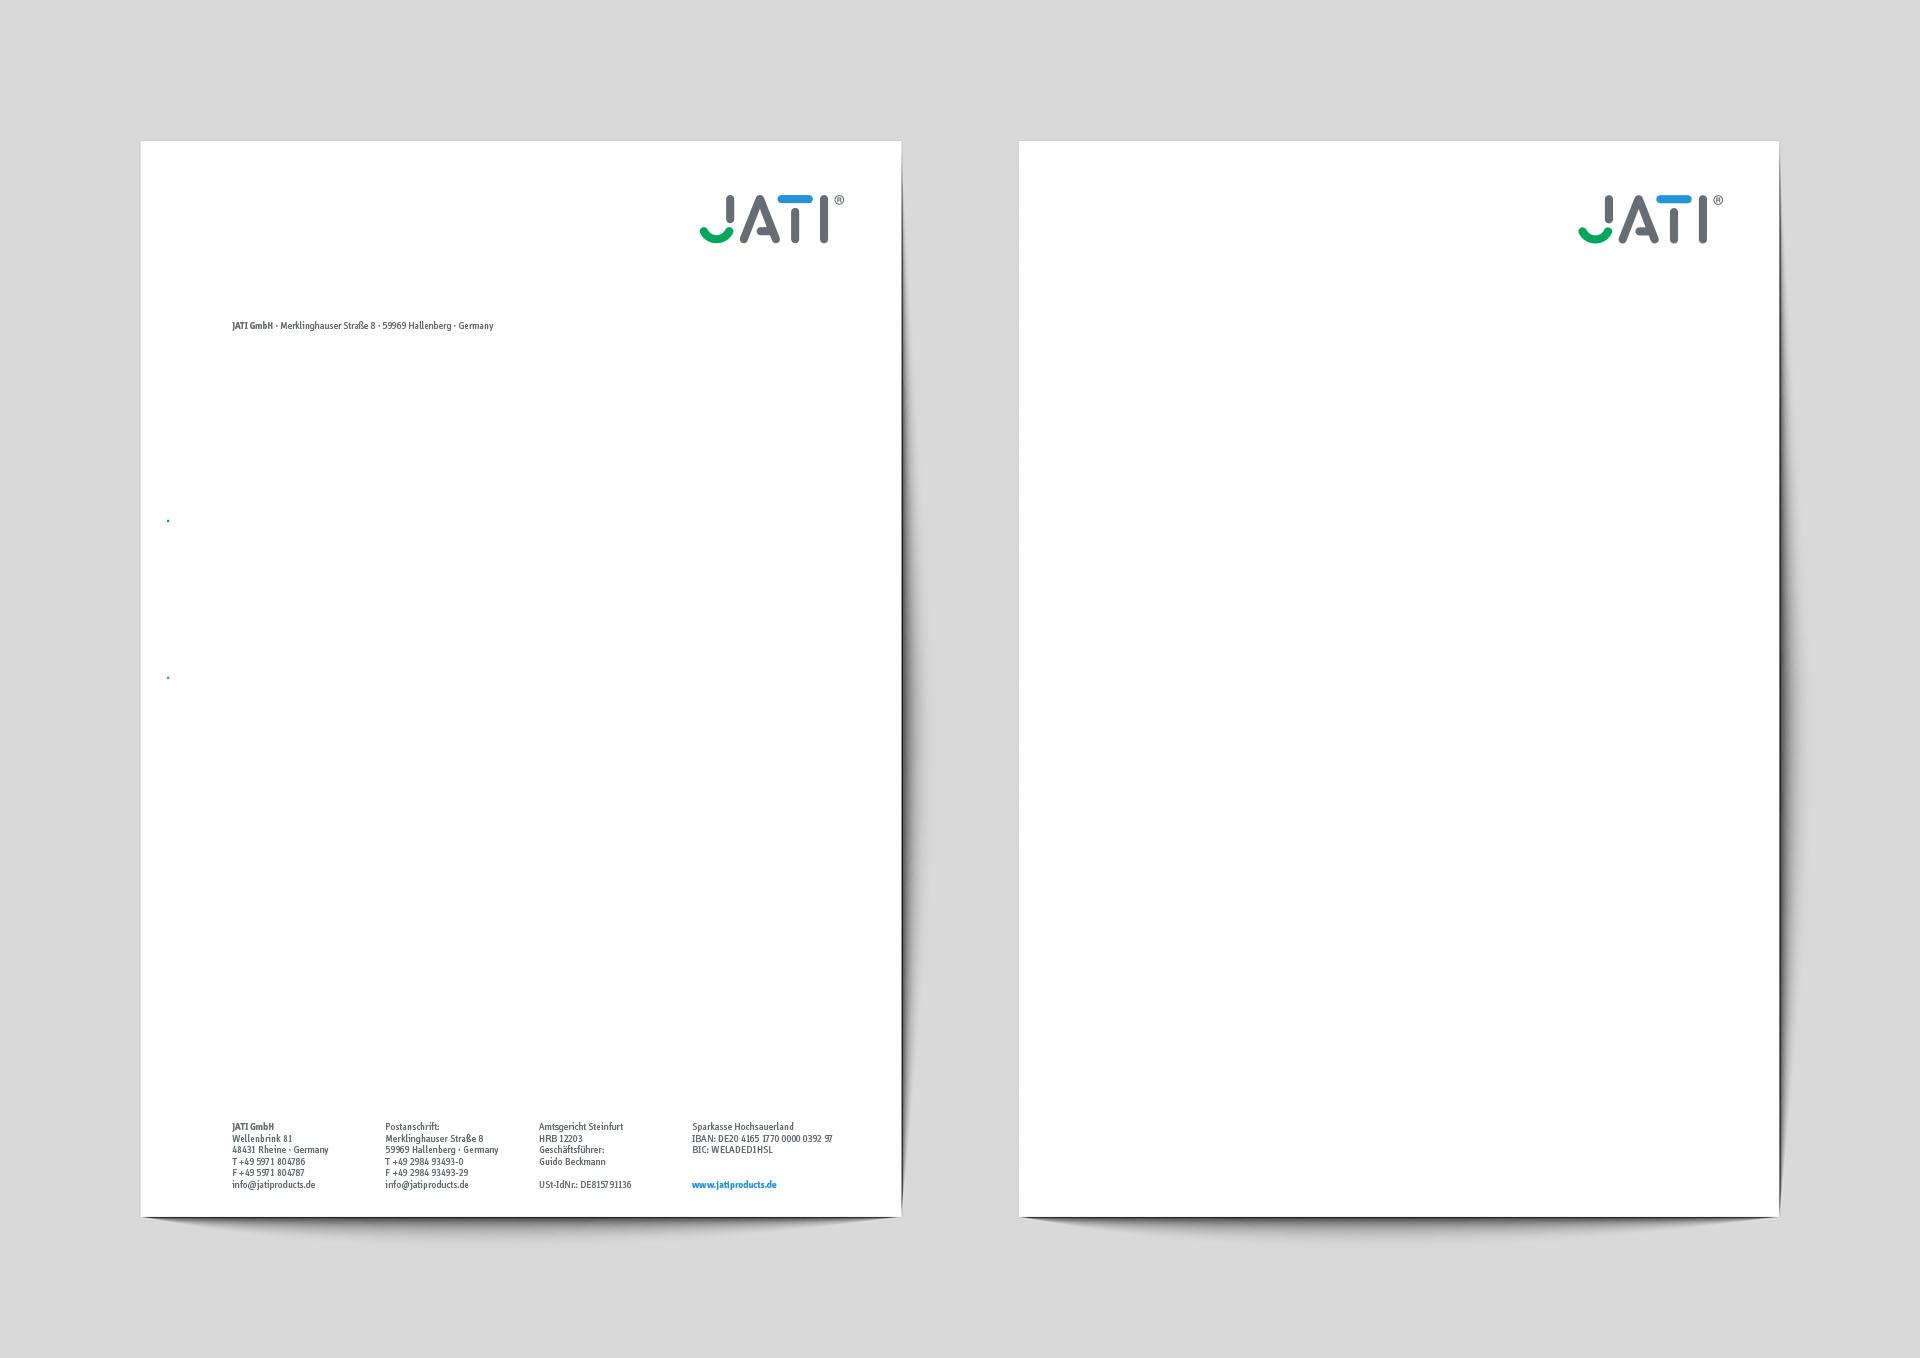 jati produktbroschuere bb - Dem Schimmel sei Dank: Ein ganz frischer Markenauftritt für JATI – Corporate Design, Logoentwicklung, Grafikdesign